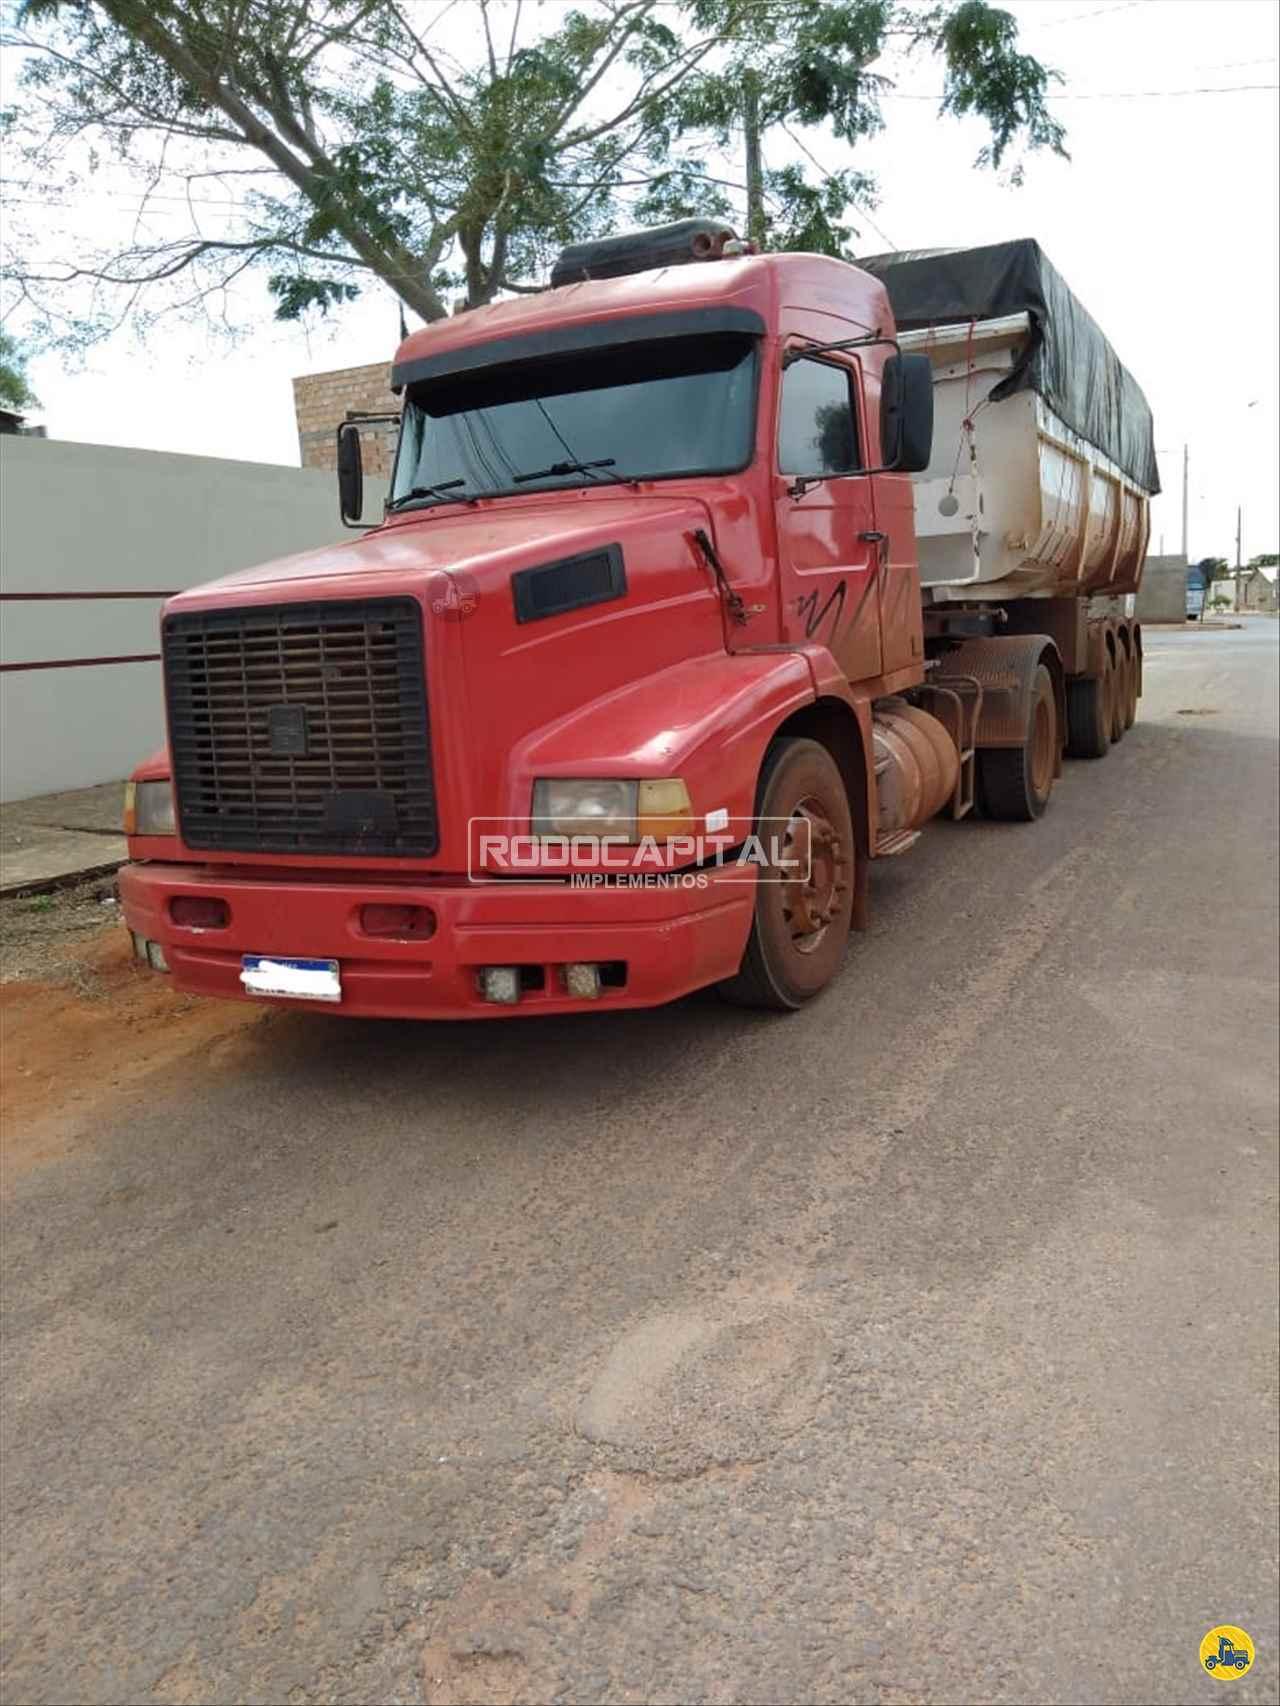 CAMINHAO VOLVO VOLVO NL12 360 Caçamba Basculante Toco 4x2 RODOCAPITAL Implementos BRASILIA DISTRITO FEDERAL DF